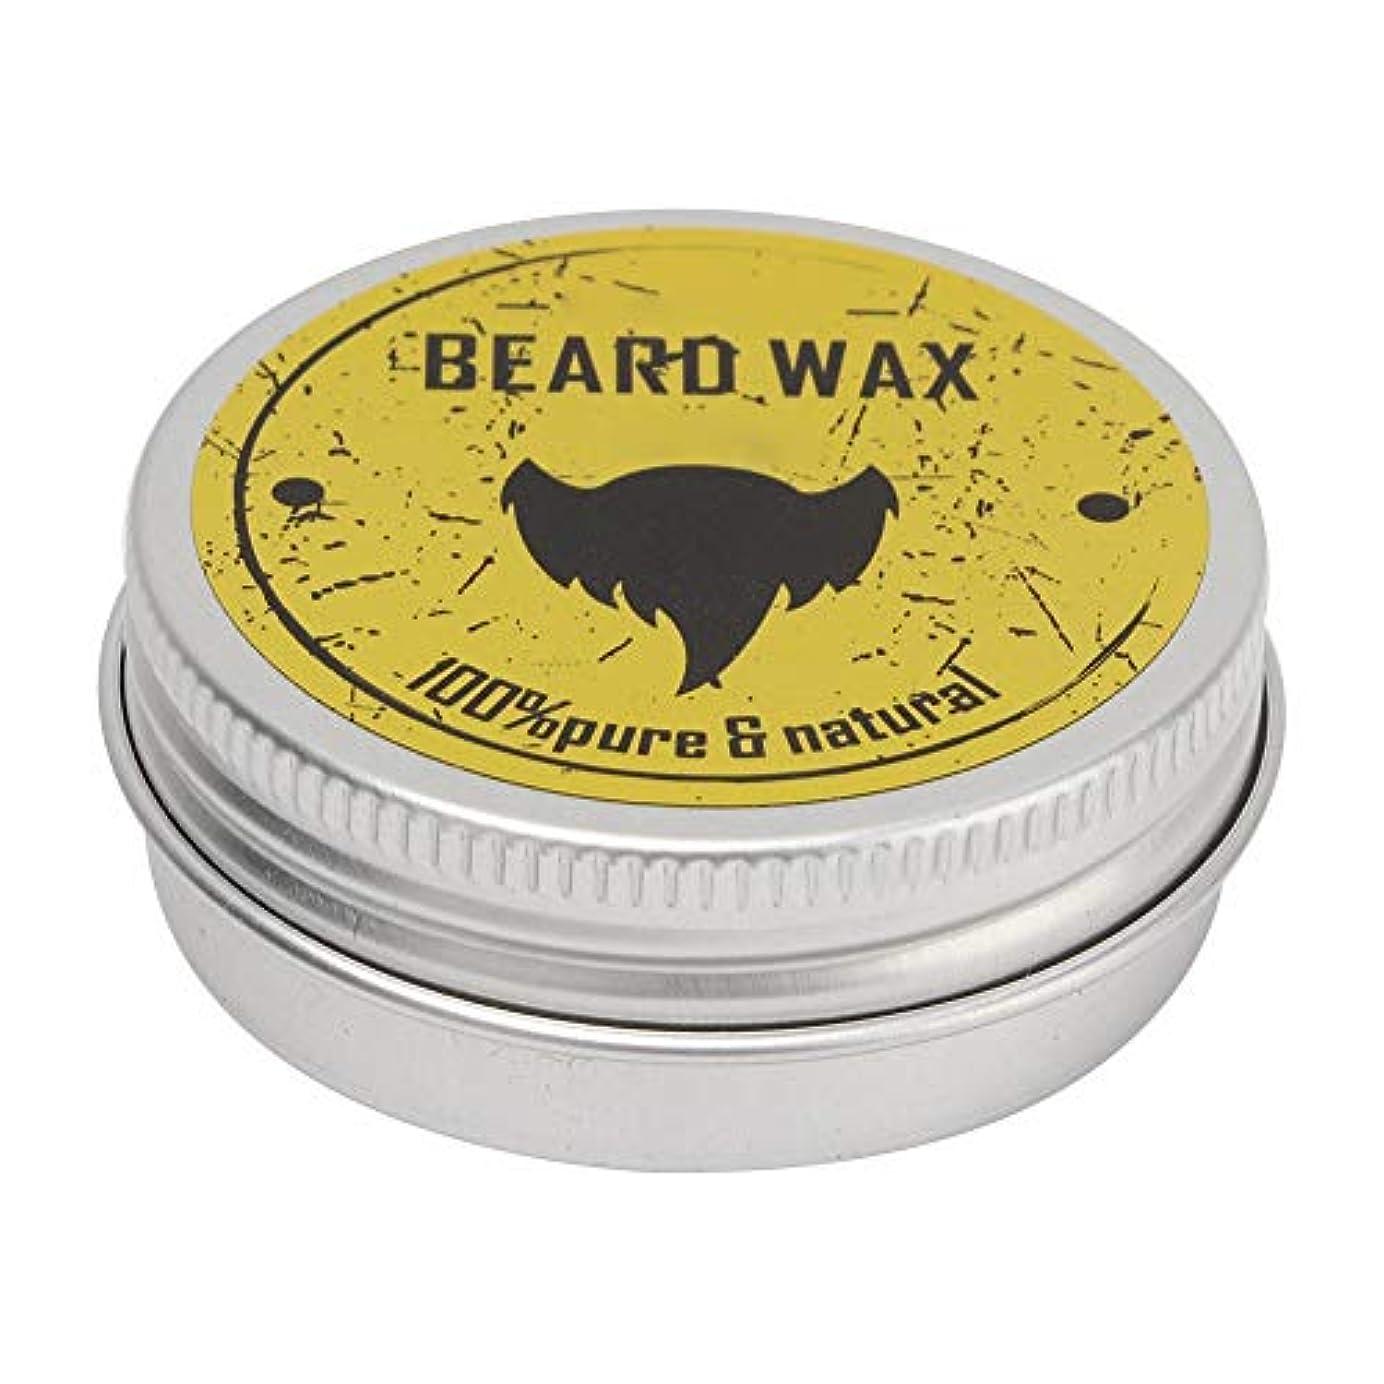 しみごめんなさい影響力のあるひげの心配の香油、30mlひげの心配の人のひげの手入れをすることの男性の口ひげの心配のための保湿ワックスを手入れをすること